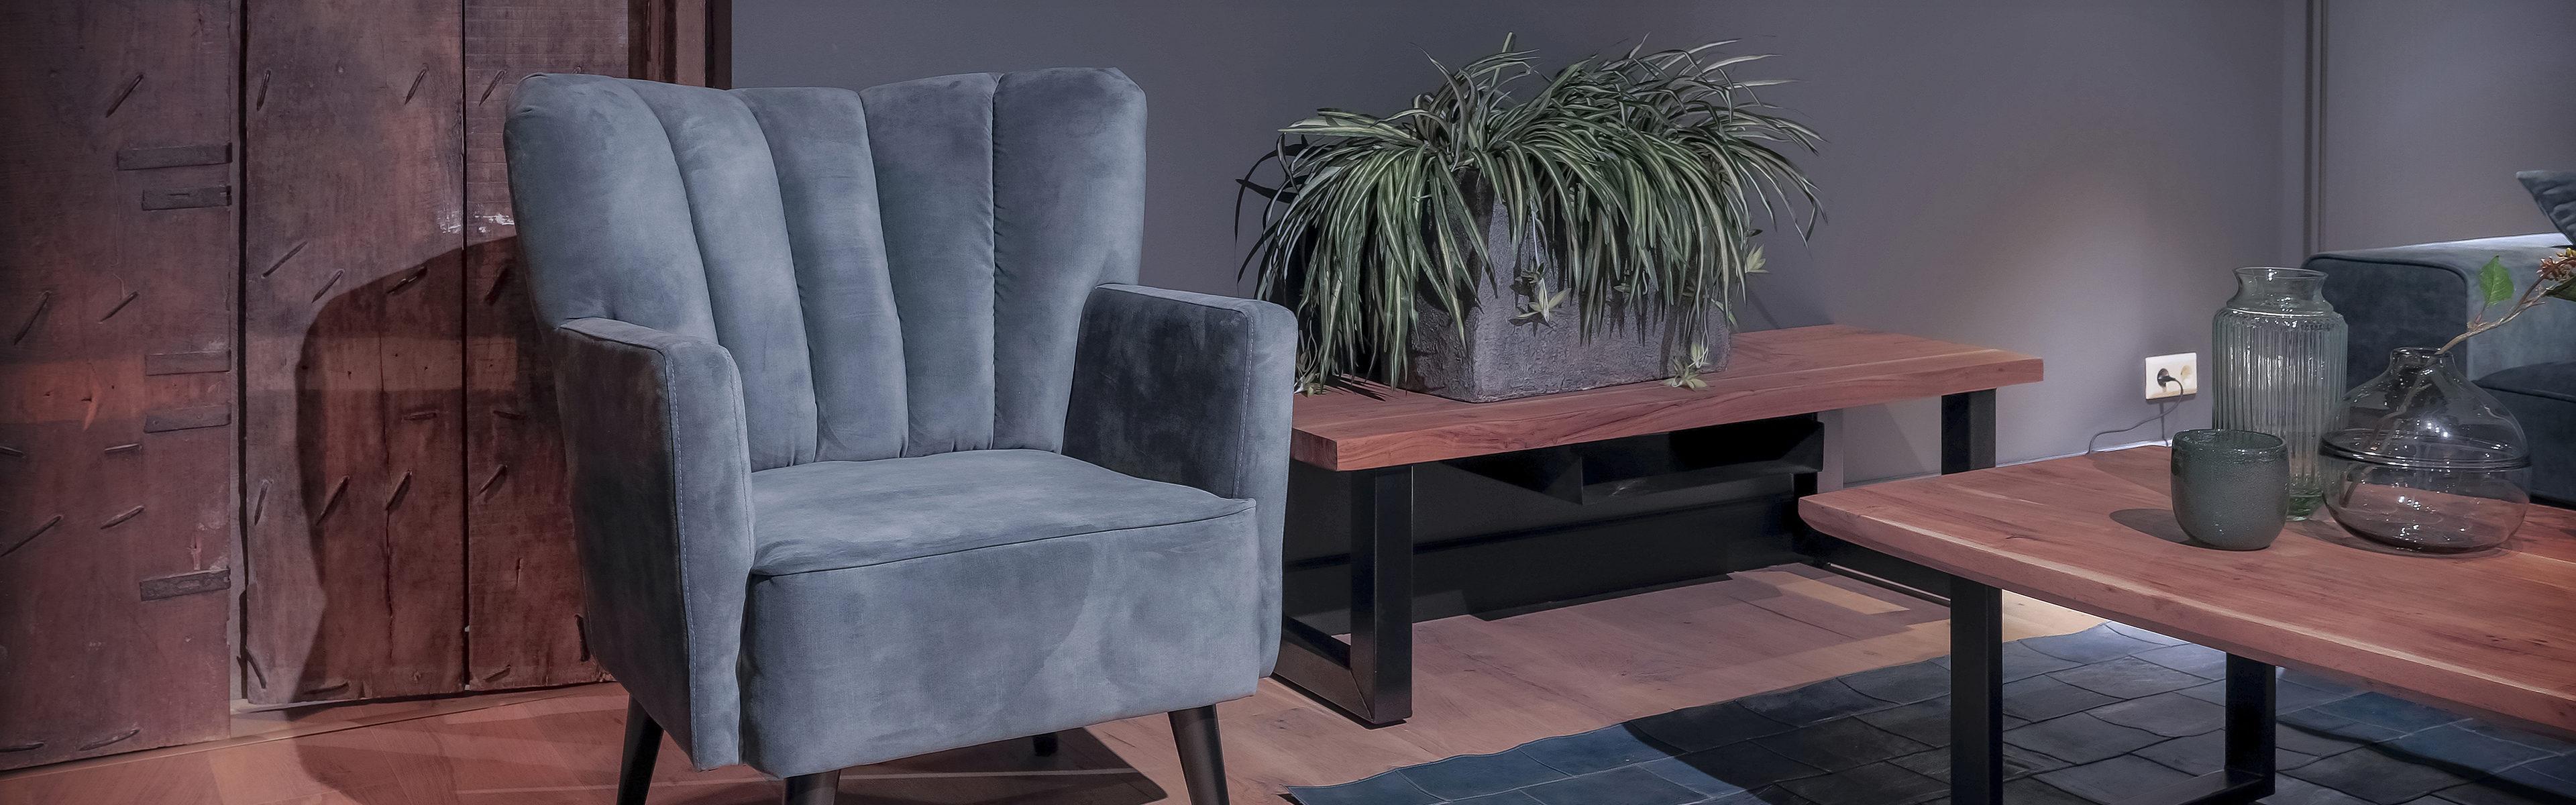 Industriële tafels in een landelijk interieur. Verschoor Wonen showroom om landelijke meubelen te kopen.